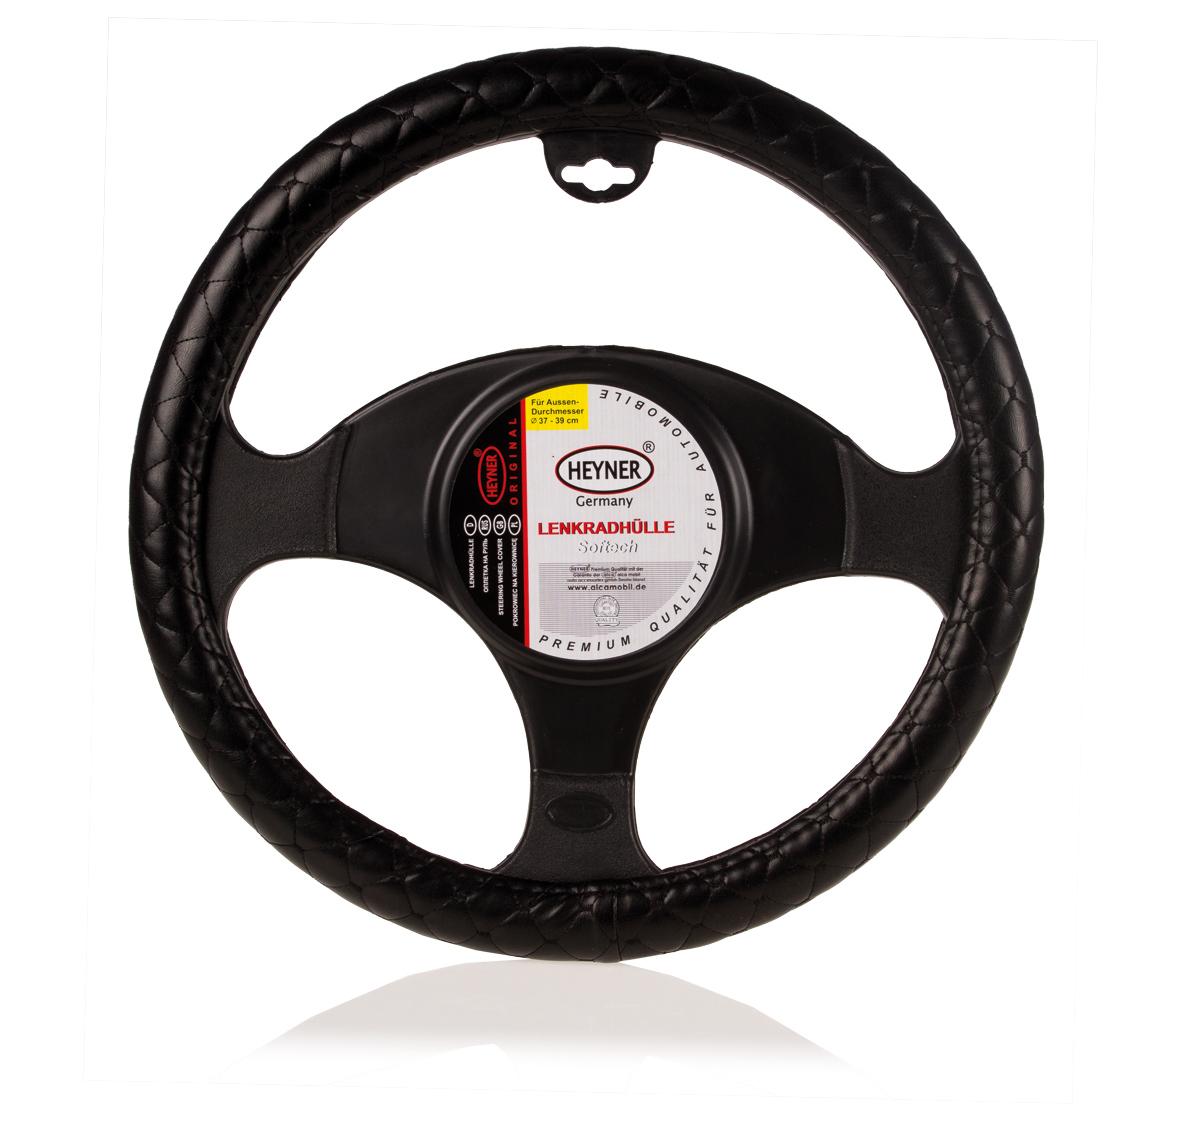 Чехол на руль Heyner, натуральная кожа, цвет: черный, диаметр 37-39 см602000Чехол на руль нат.кожа черный d 37-39